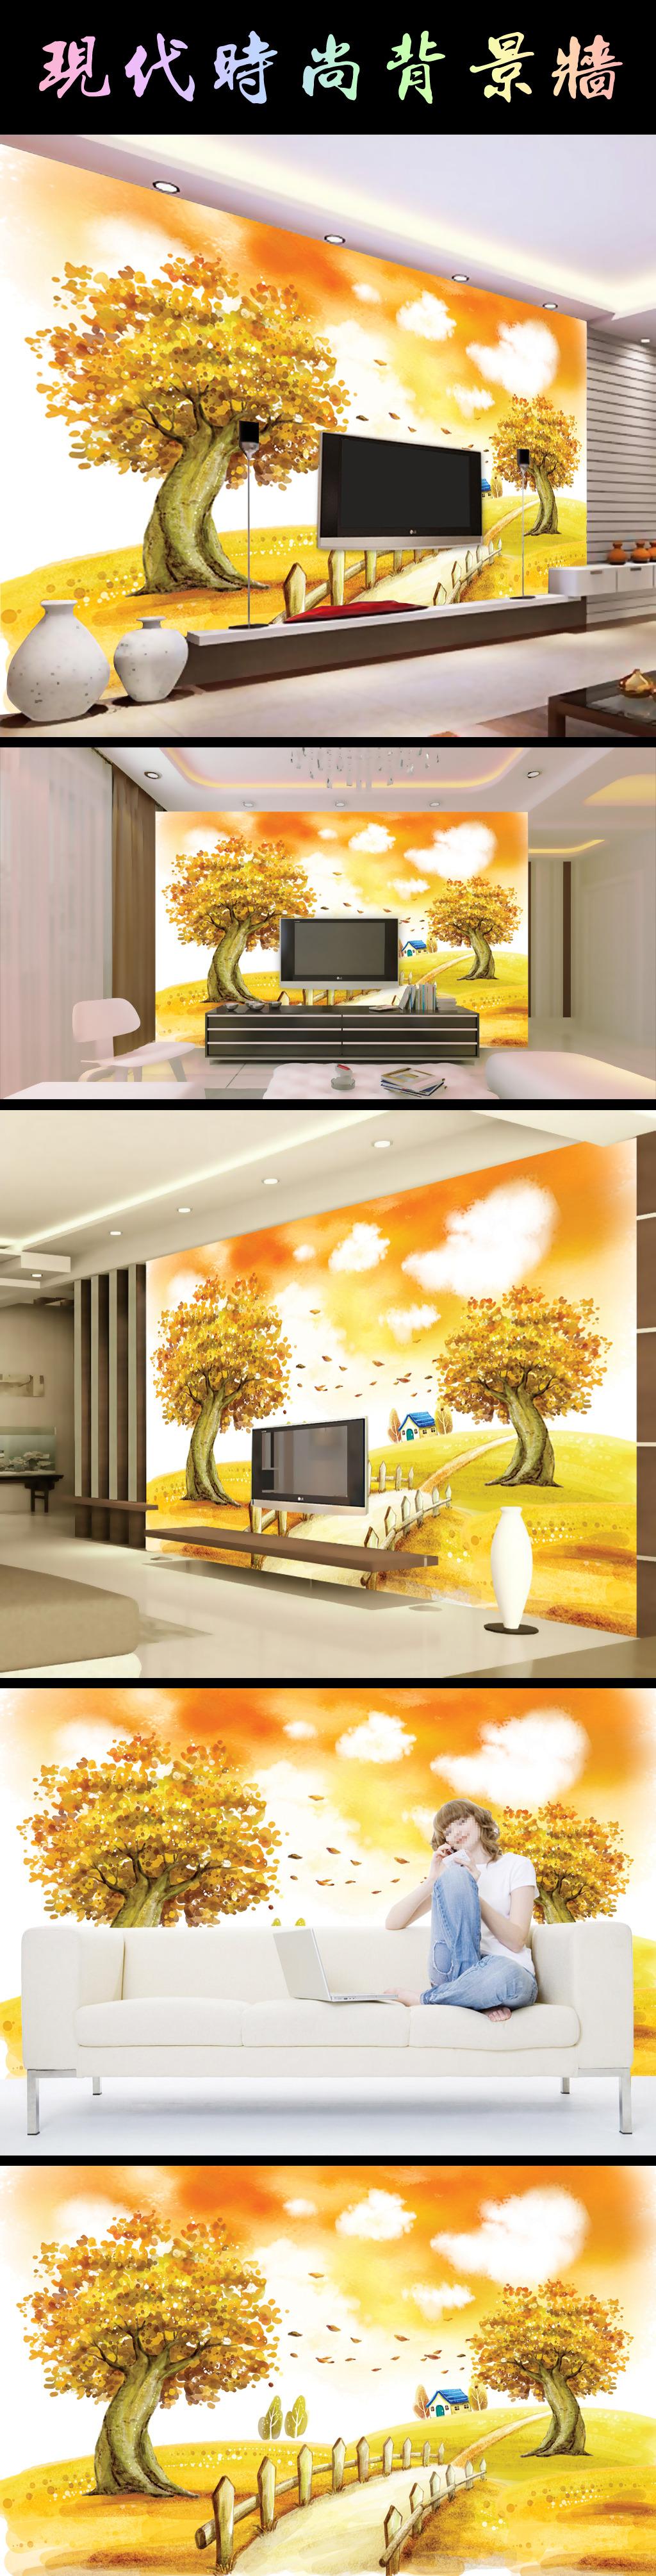 背景墙|装饰画 电视背景墙 手绘电视背景墙 > 秋天风景手绘背景墙